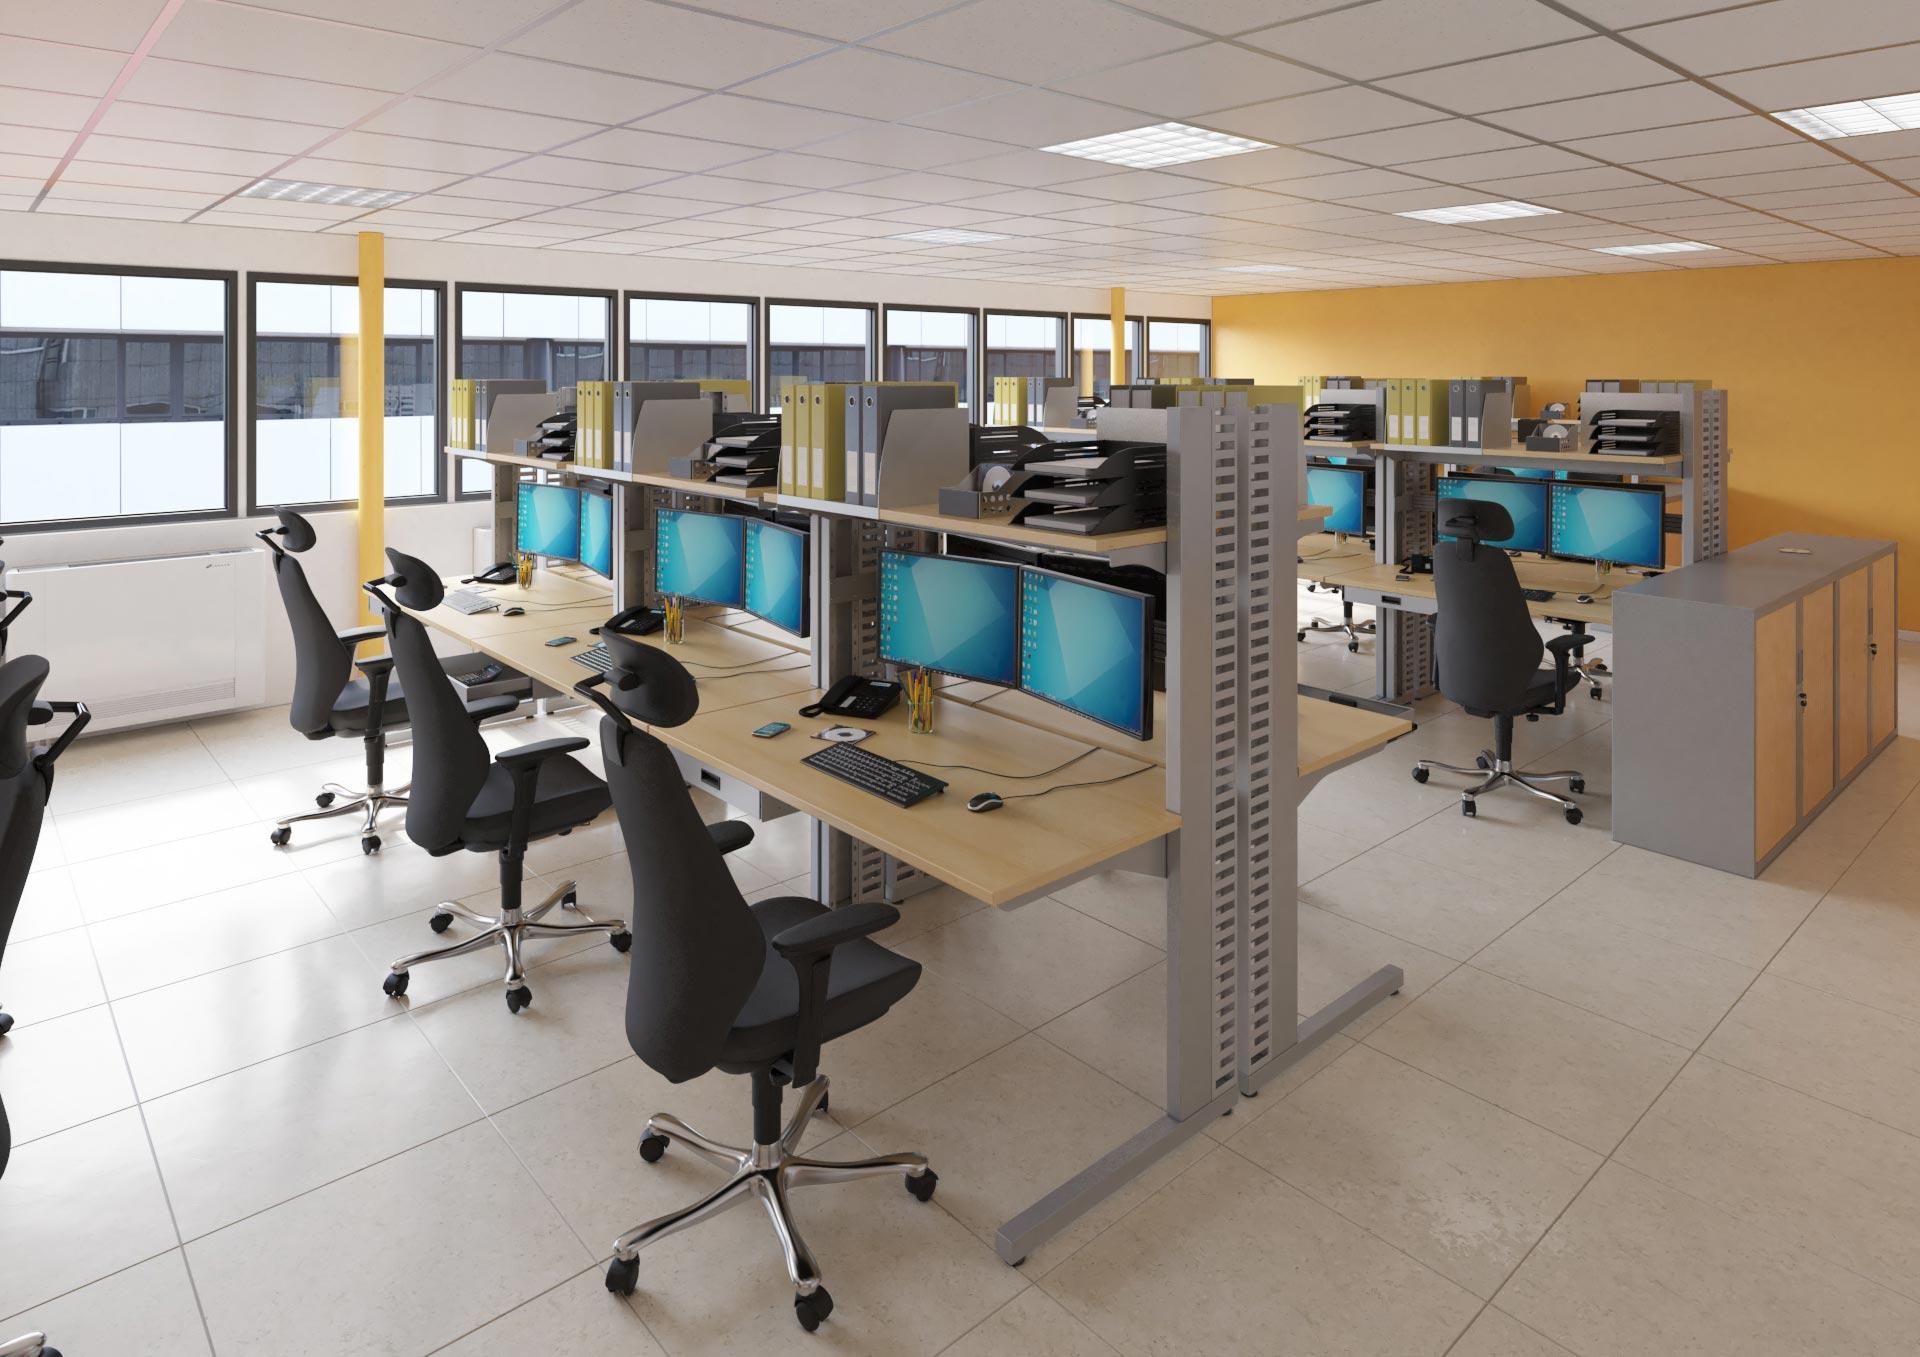 Mobilier pour salles informatiques aménagé en bancs d'essaies